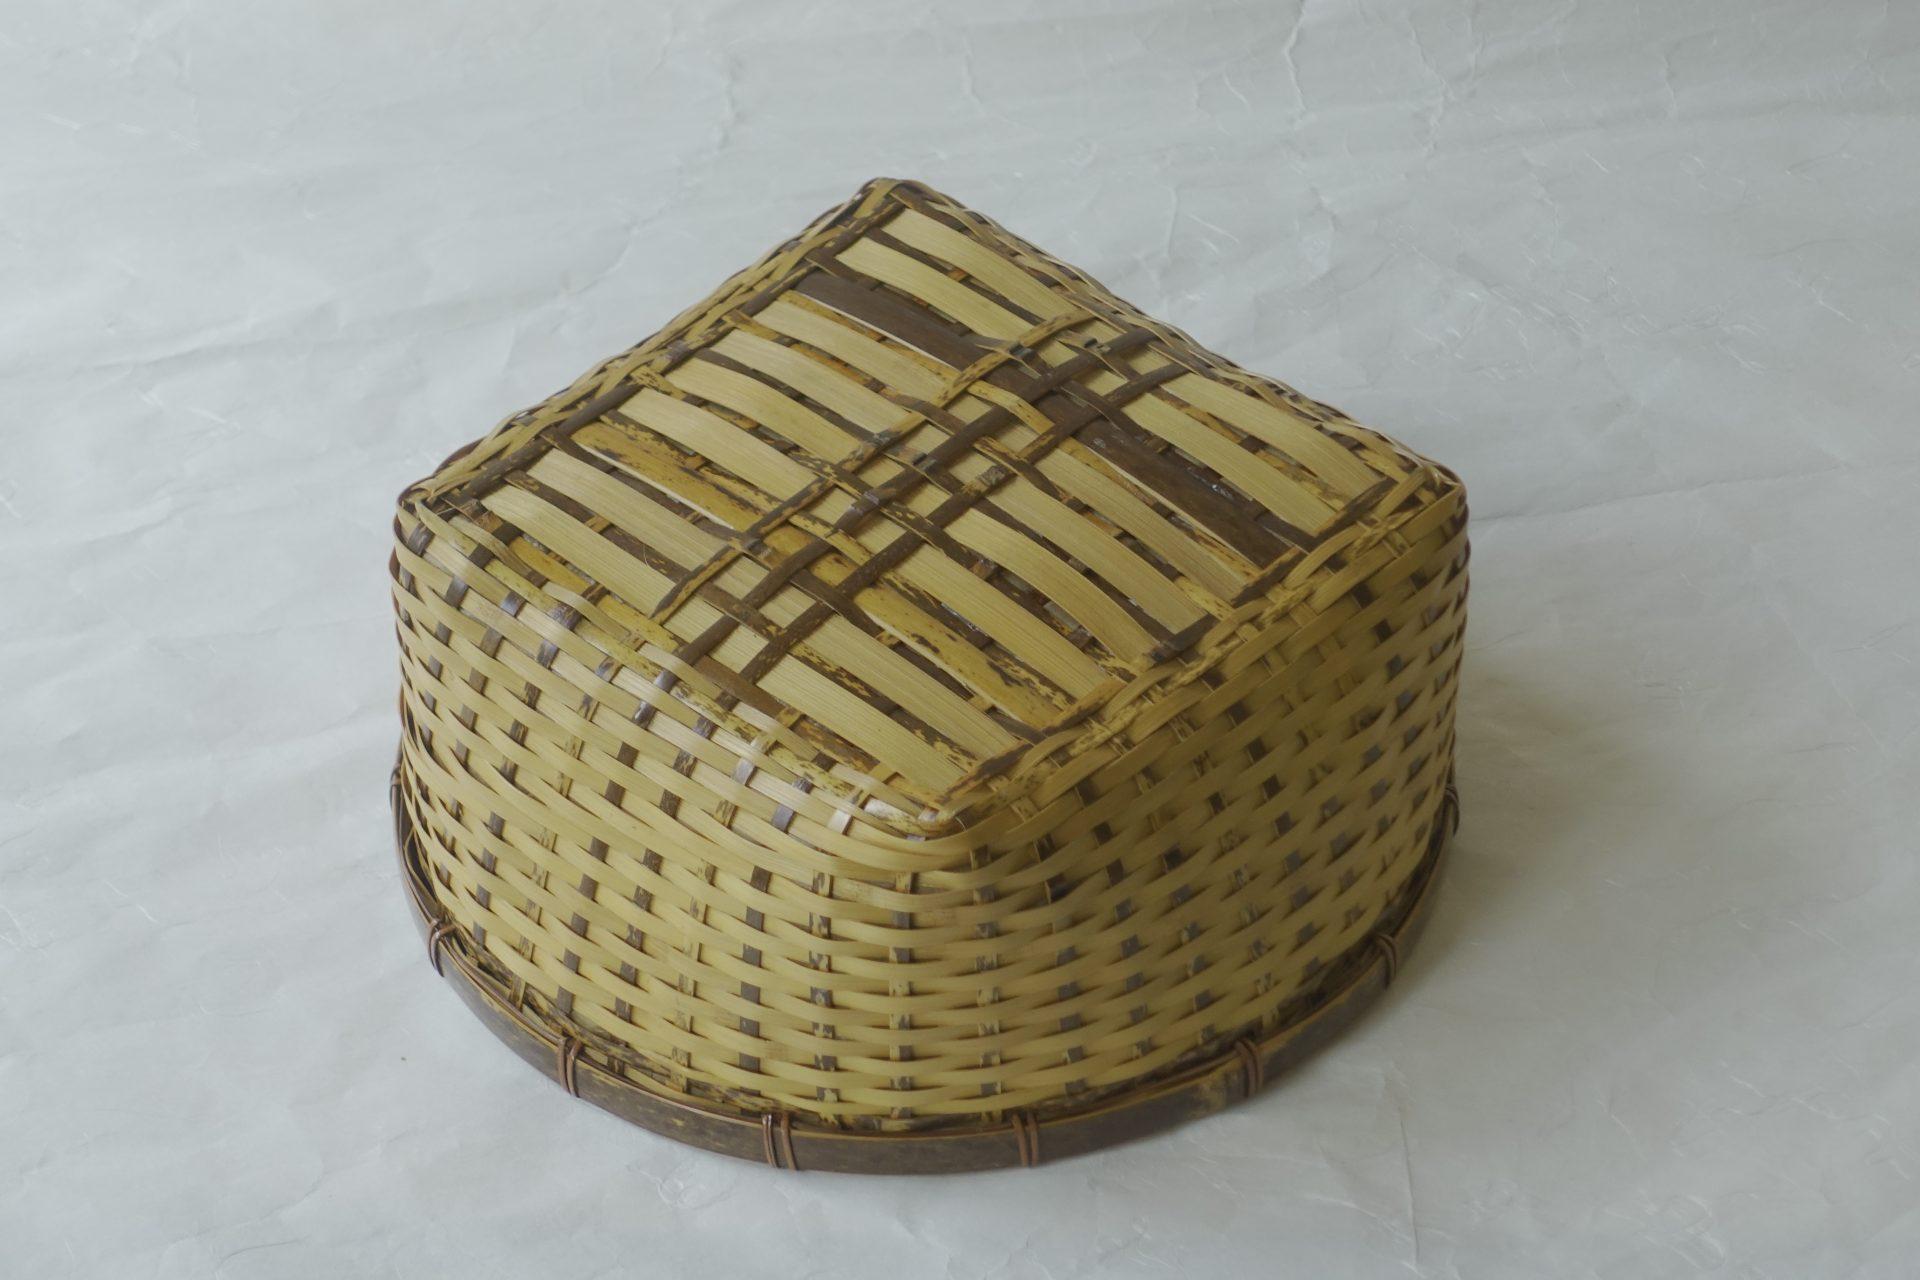 茶道具 茶道 茶の湯 日本製 炭斗 すみとり 風炉用 炭点前 炭 火箸 白竹 染竹 独特なデザイン 内側に紙 小ぶり 底は平ら 安定 軽い 割れない